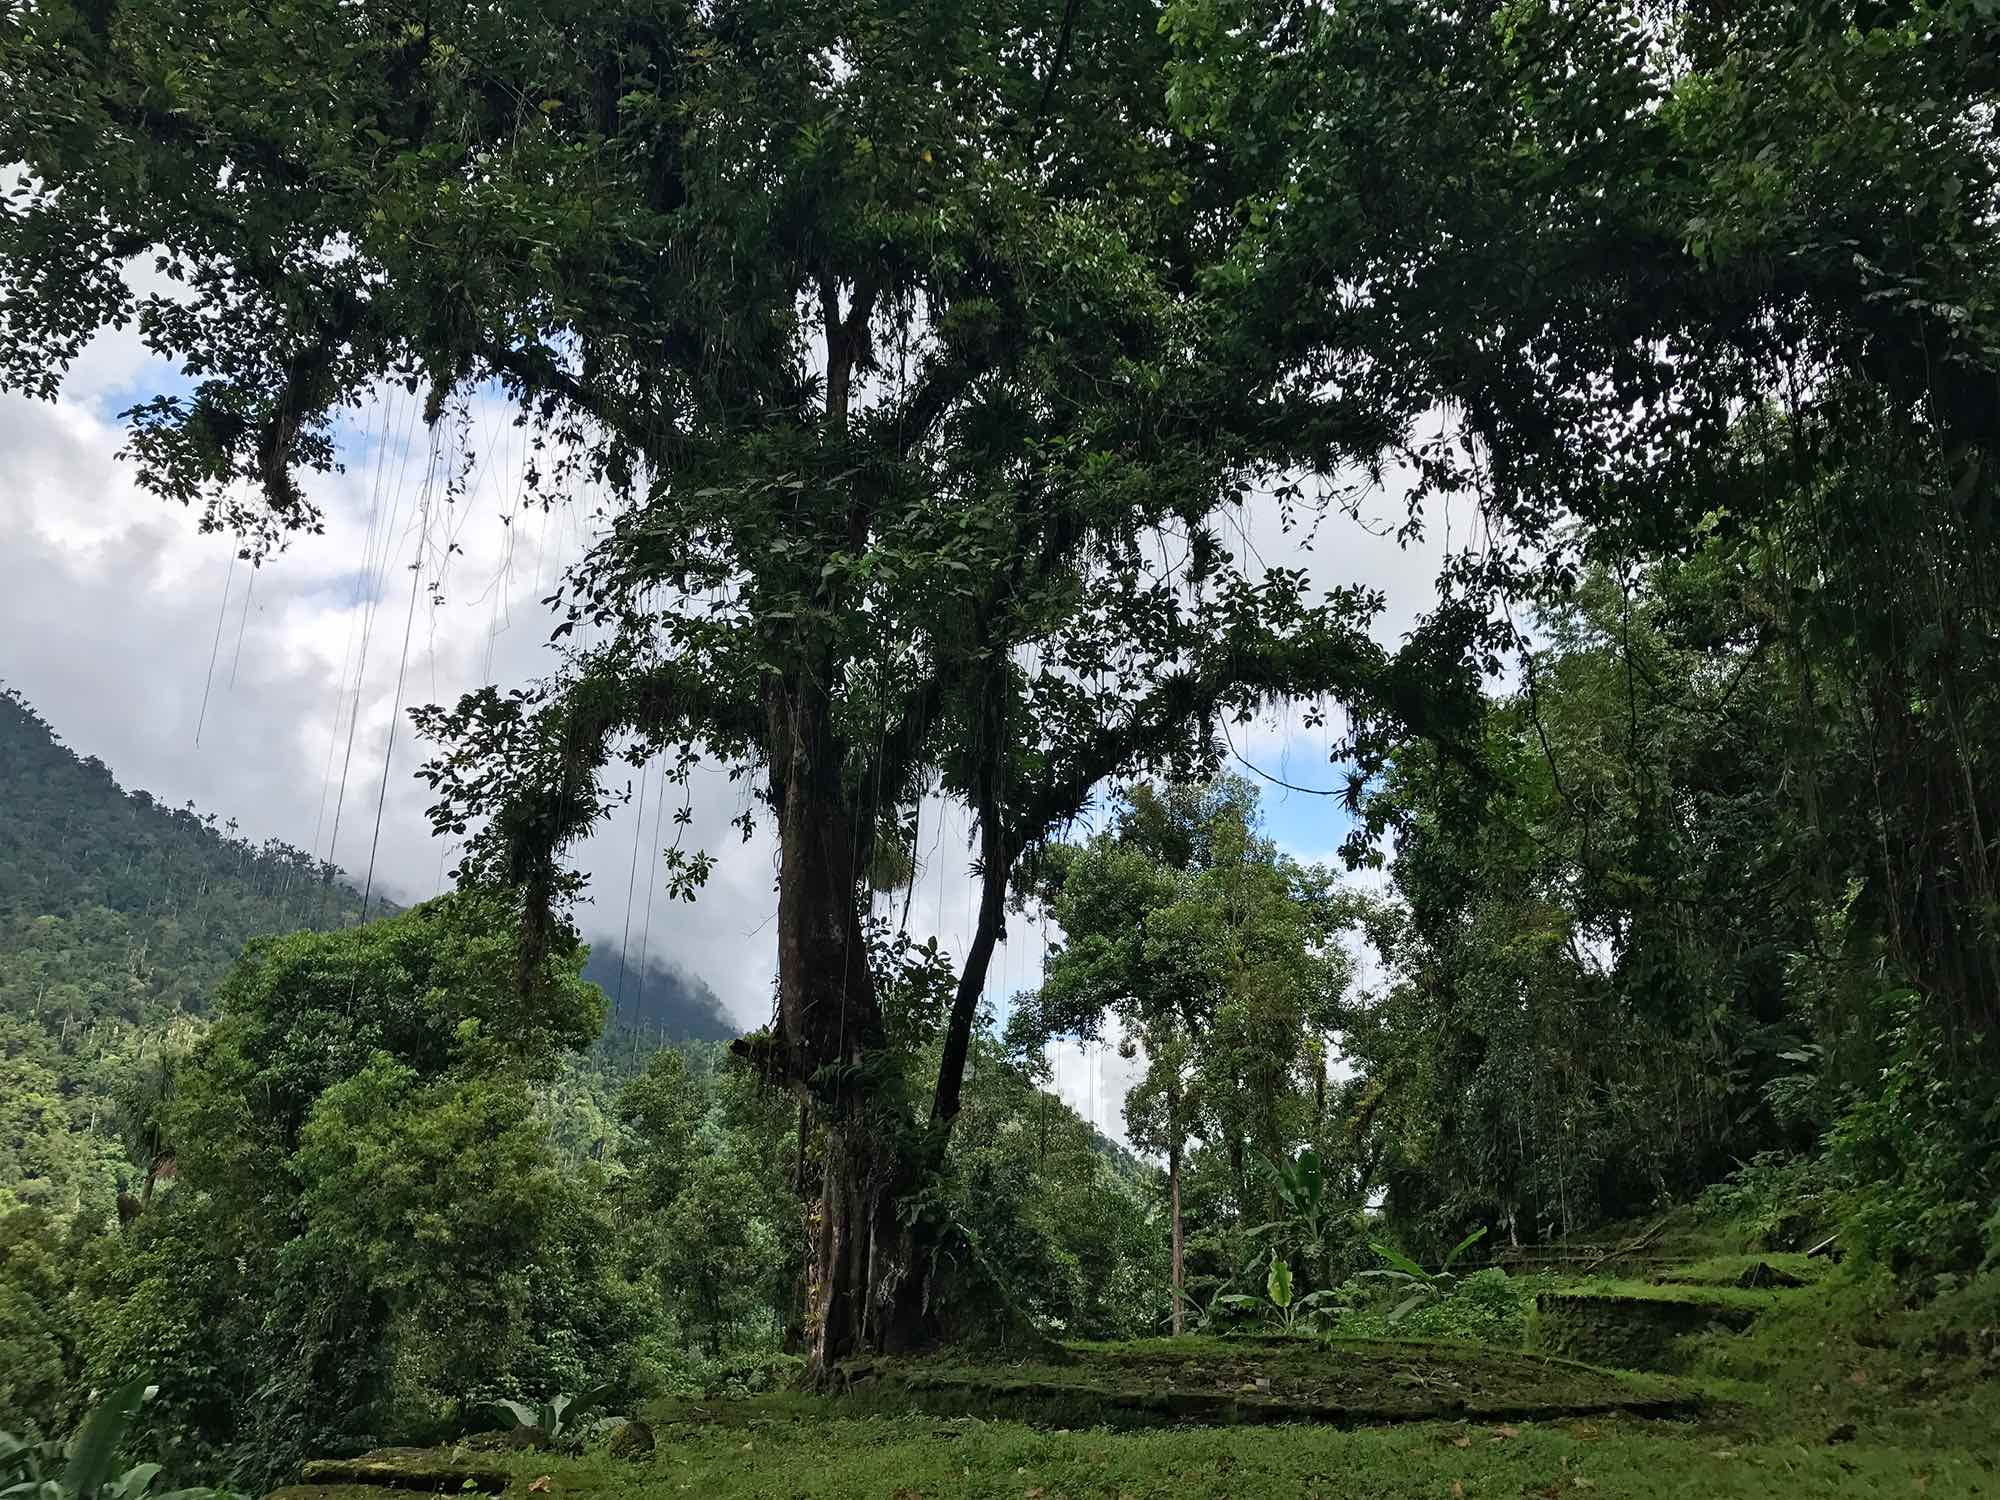 Lost-City-trek-Colombia-tree.jpg